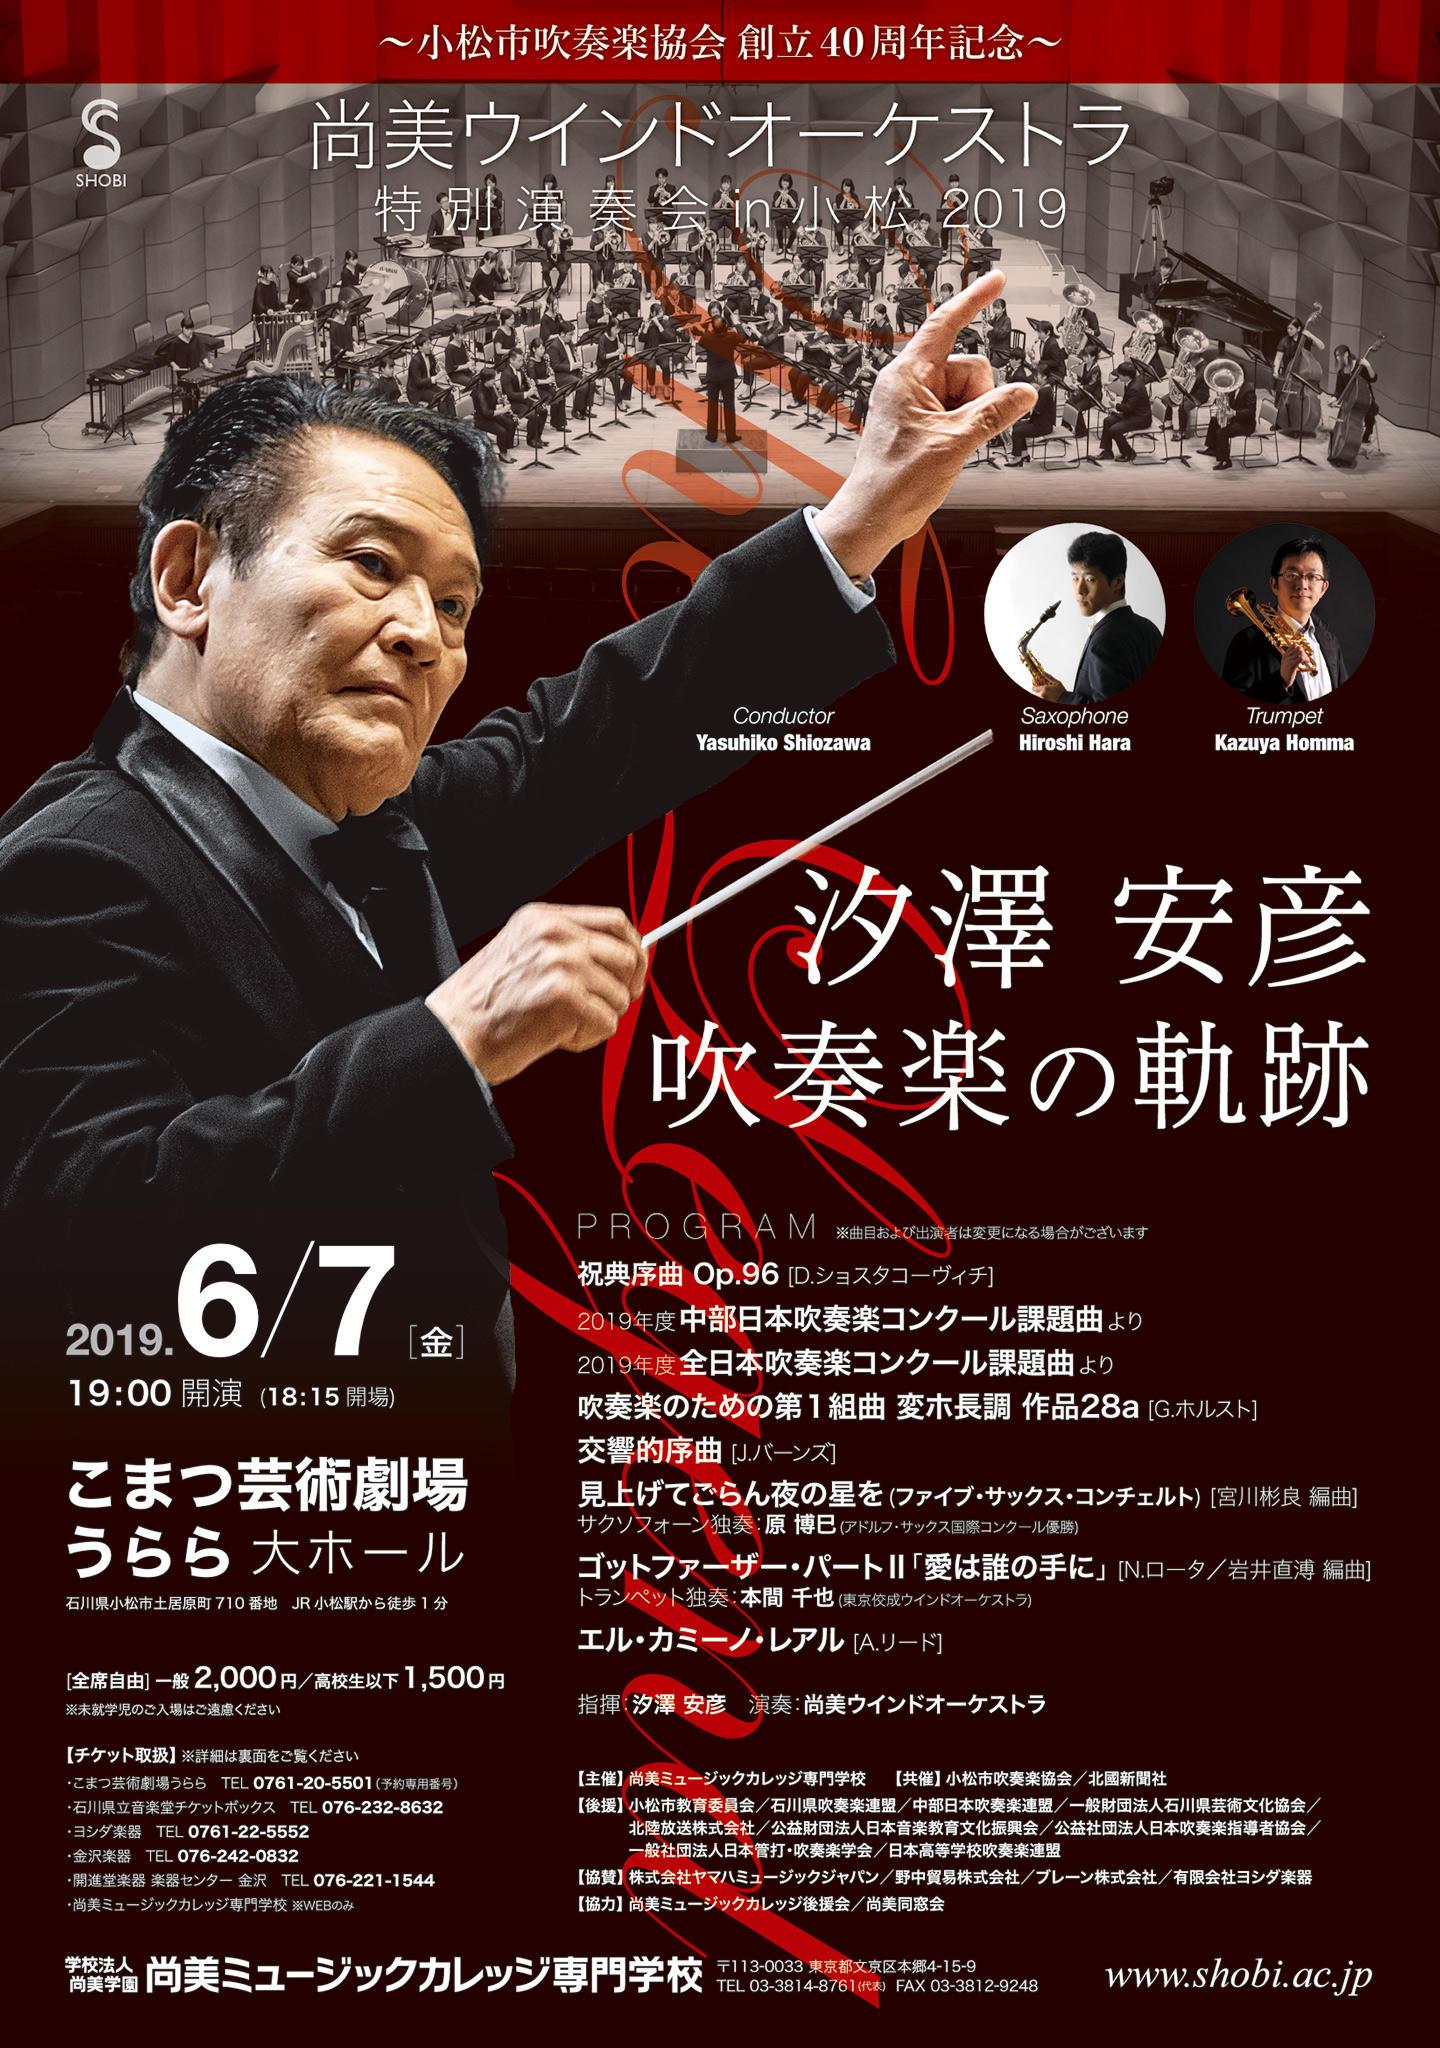 【6月7日開催】尚美ウインドオーケストラ 特別演奏会 in 小松 2019